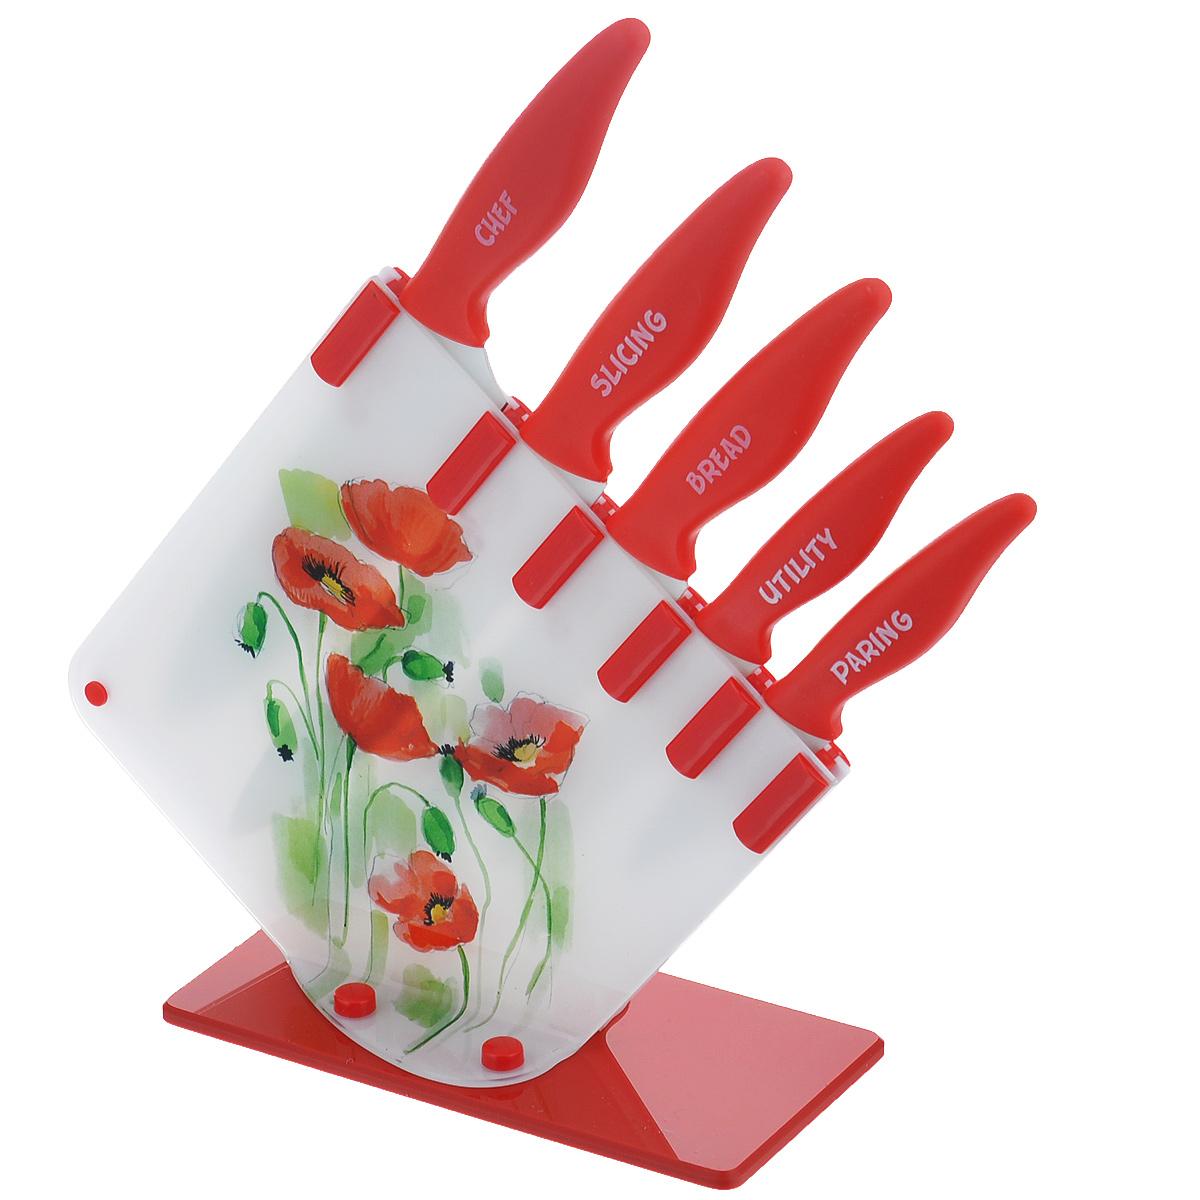 Набор ножей Apollo Magnolia, 6 предметов, цвет: белый, красныйMGN-05Ножи Apollo Magnolia со специальным антибактериальным покрытием. Лезвия изготовлены из высококачественной нержавеющей стали, обеспечивающей долгое сохранение заточки. Ручки ножей выполнены из пищевого пластика. Специальное нестираемое антибактериальное покрытие препятствует контакту продукта и стали, существенно уменьшая процесс окисления и помогая сохранить полезные свойства продукта. Кроме того, специальное покрытие значительно увеличивает гигиенические свойства ножей, сокращая наличие на лезвии микробов и препятствуя их размножению. Подставка оригинальной формы, выполненная из пластика, украшена изображением цветов. В набор входят: нож кухонный, нож для хлеба, нож для мяса, нож универсальный, нож для овощей, подставка. Заточка ножей производится так же, как и обычных кухонных ножей. Не рекомендуется мыть в посудомоечной машине. Общая длина ножа для мяса: 32,5 см. Длина лезвия ножа для мяса: 20 см. Общая длина ножа для хлеба: 32,5...